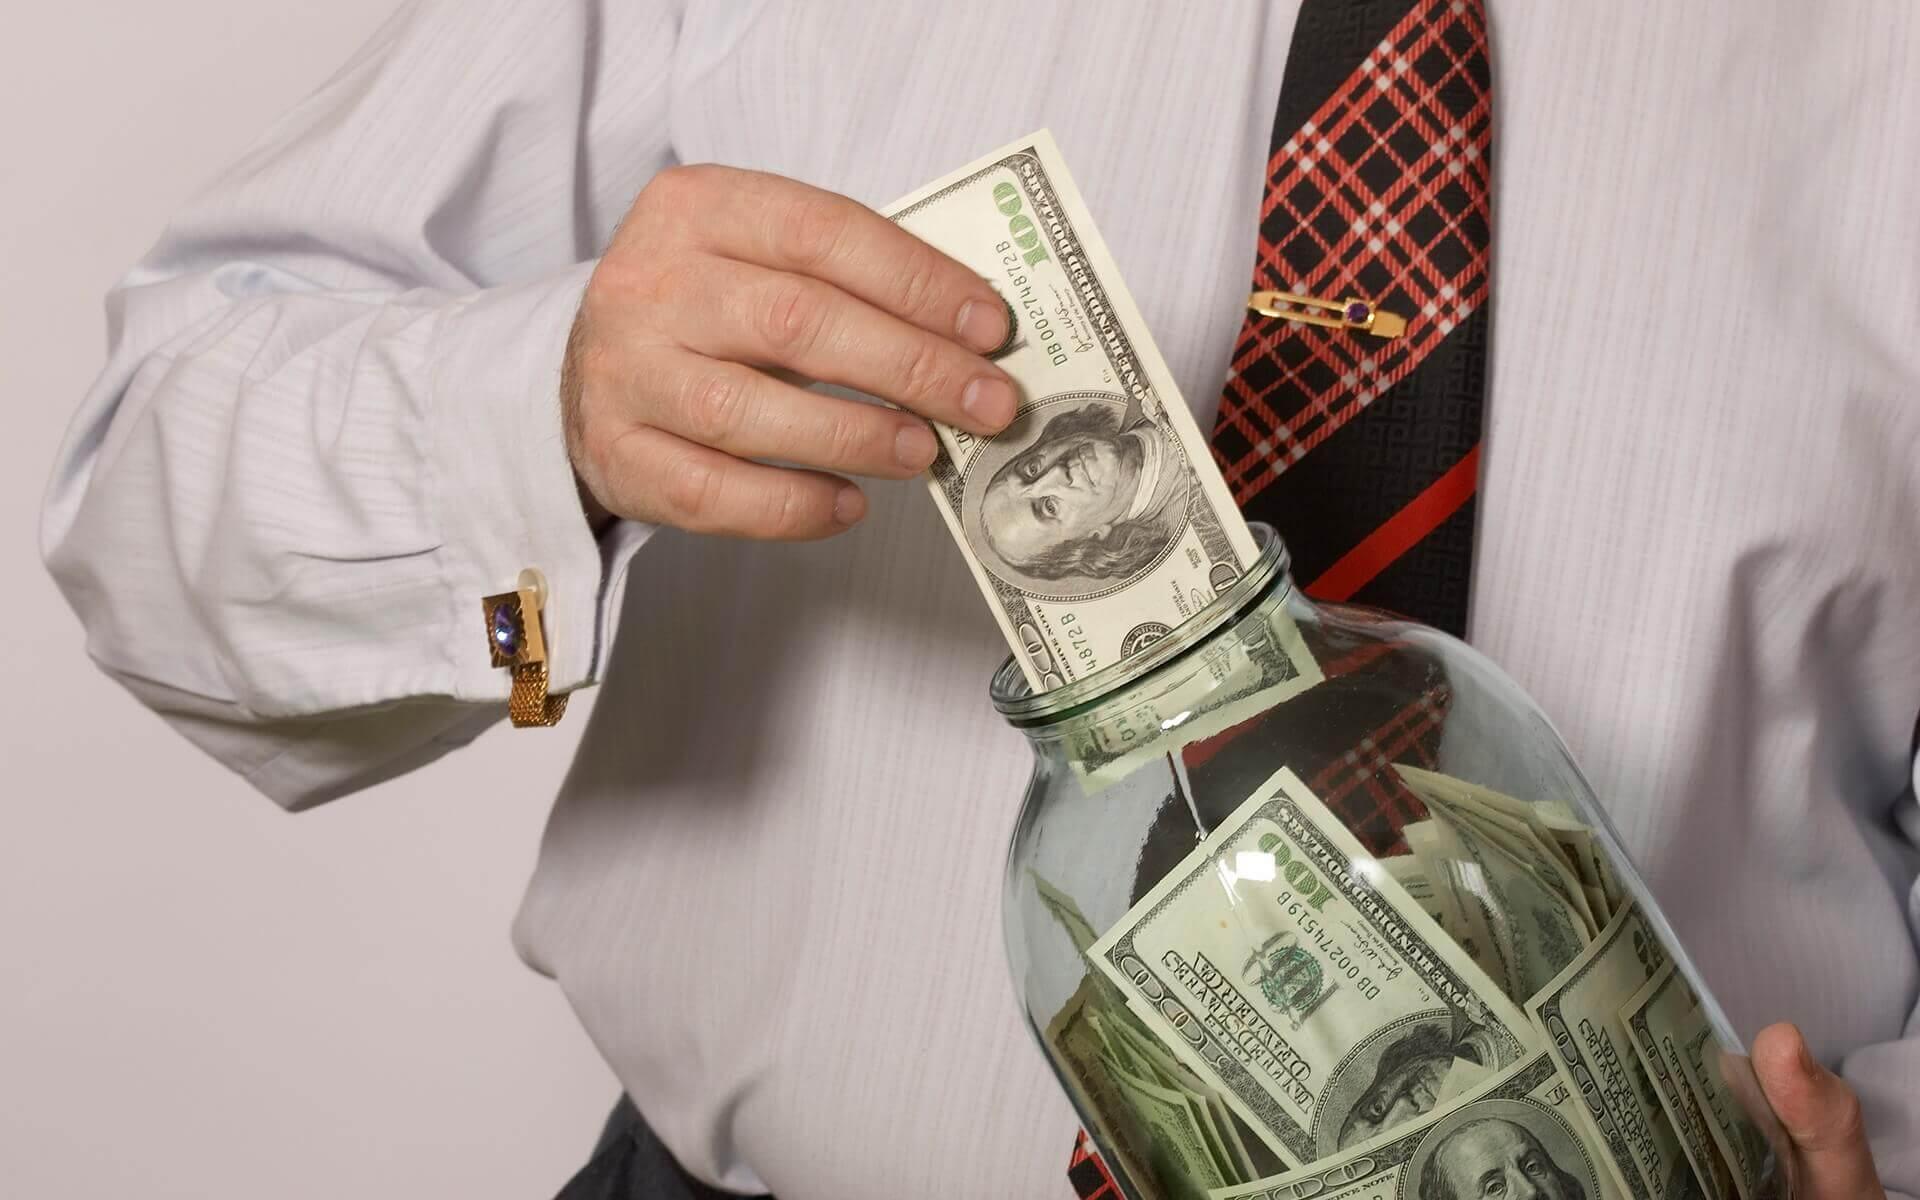 Банковские депозиты и вклады: проценты и ставки, лучшие предложения банков